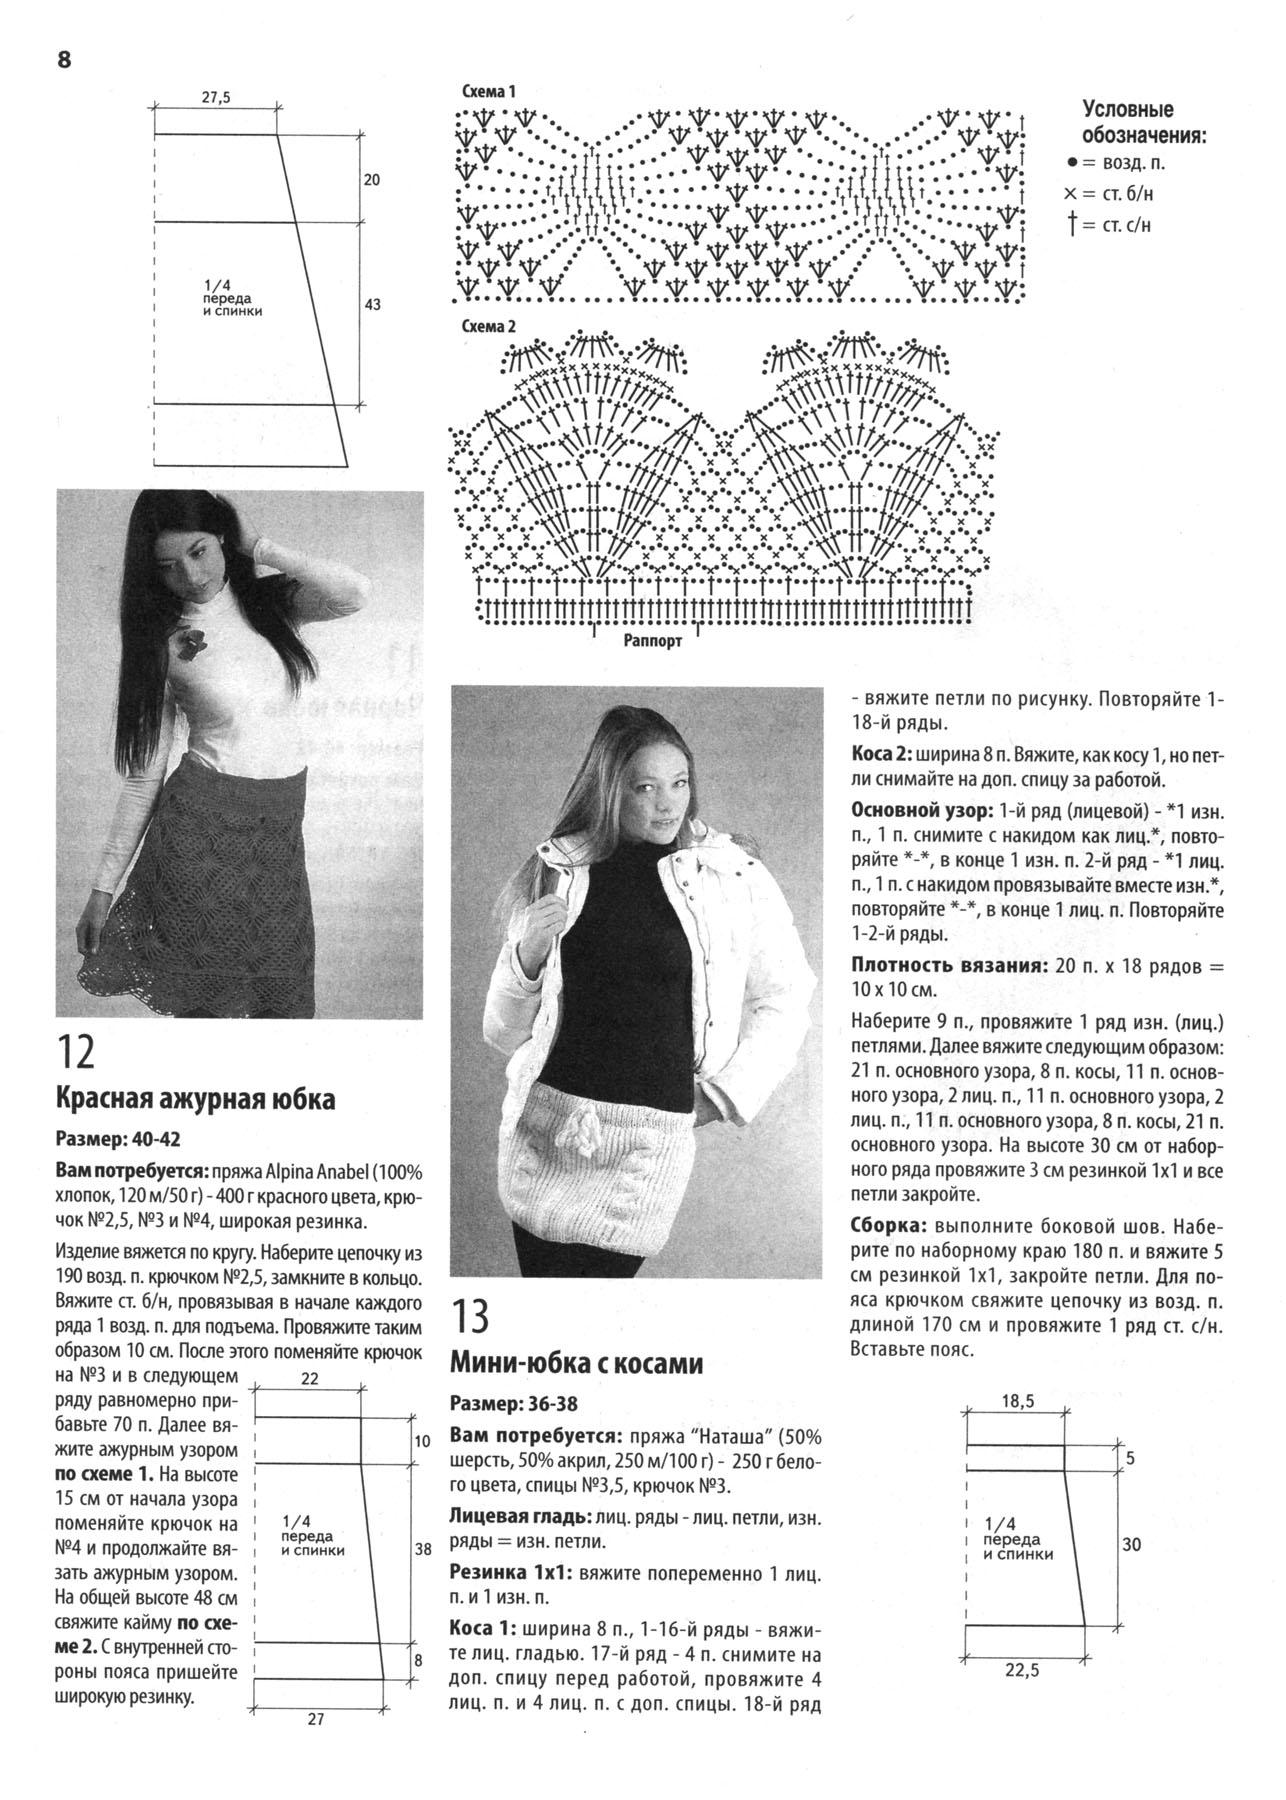 ажурной юбки крючком схема и описание.  Автор:Admin.